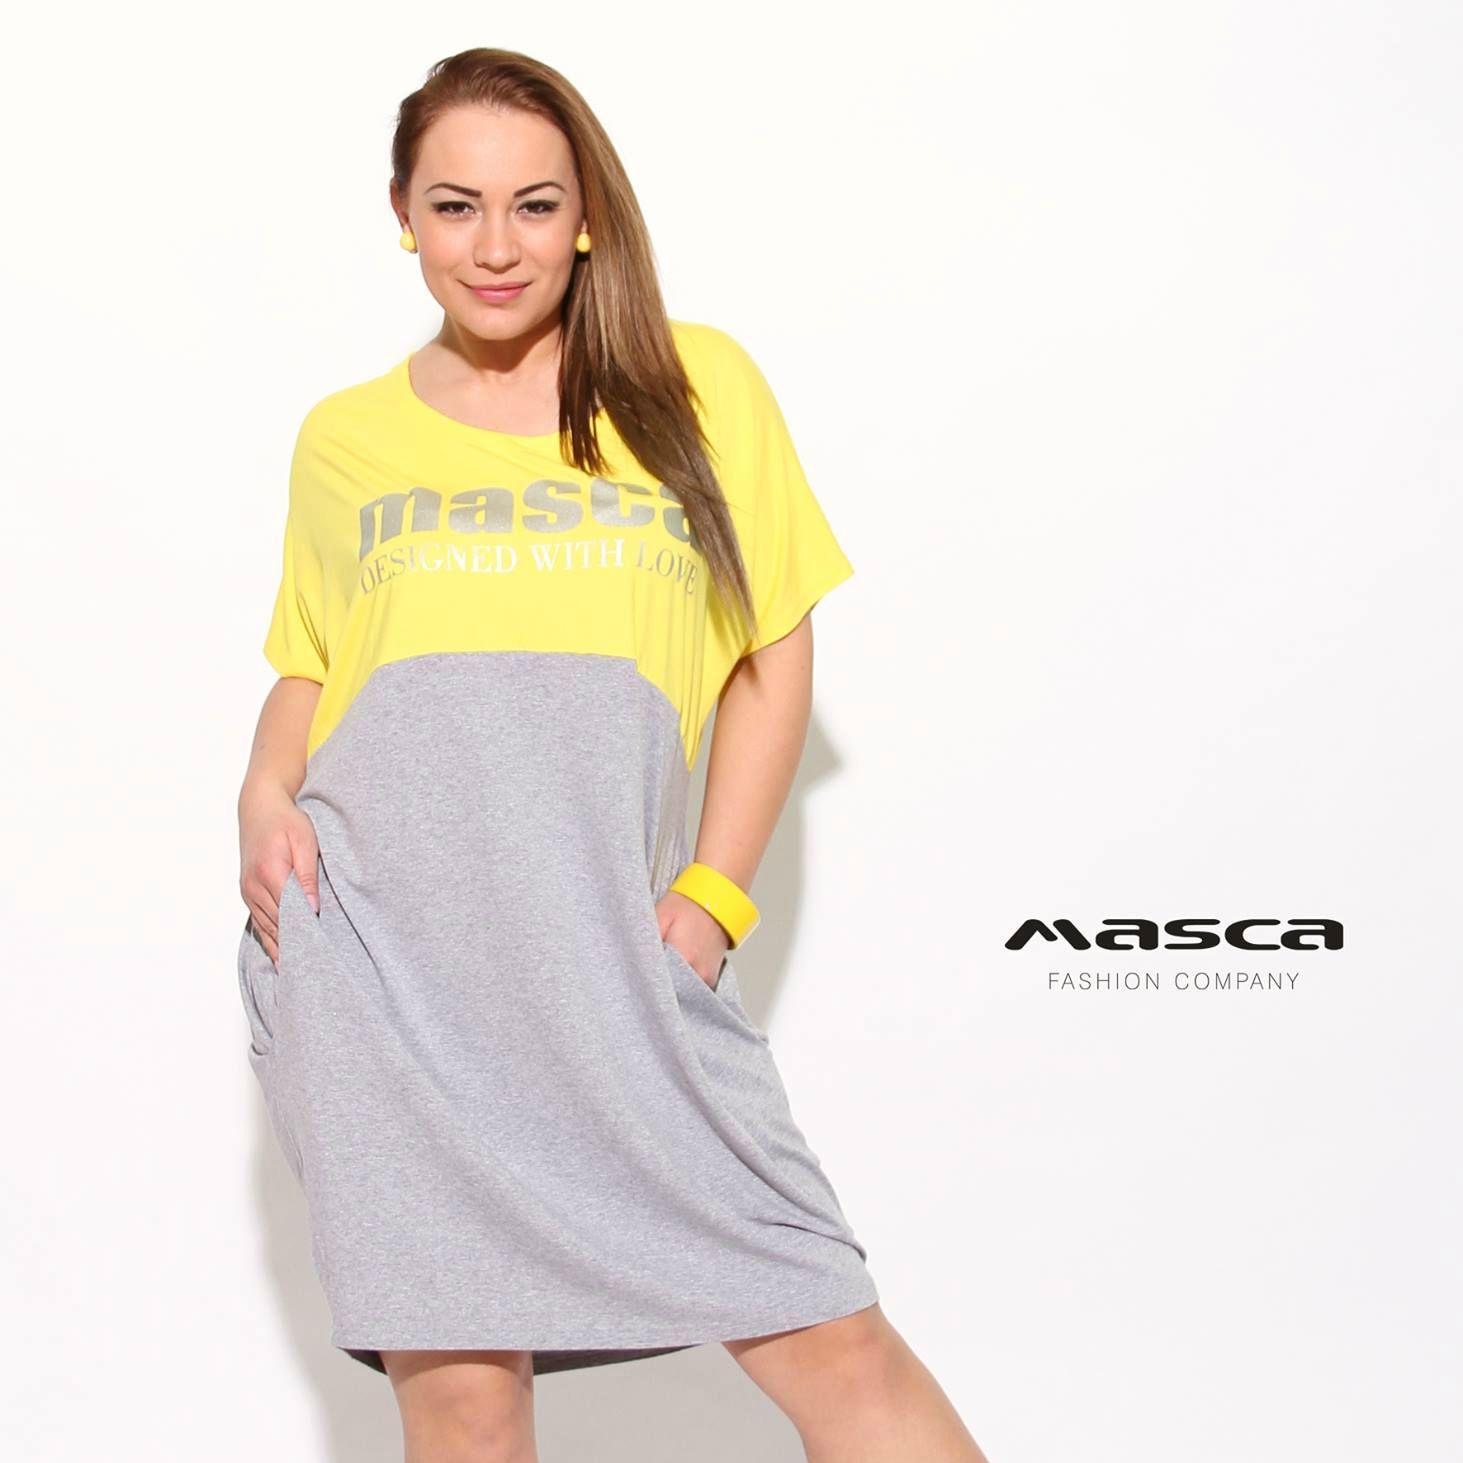 3b67eec9c6 Masca Fashion rövid ujjú lezser zsebes, sárga-szürke bő tunika, miniruha